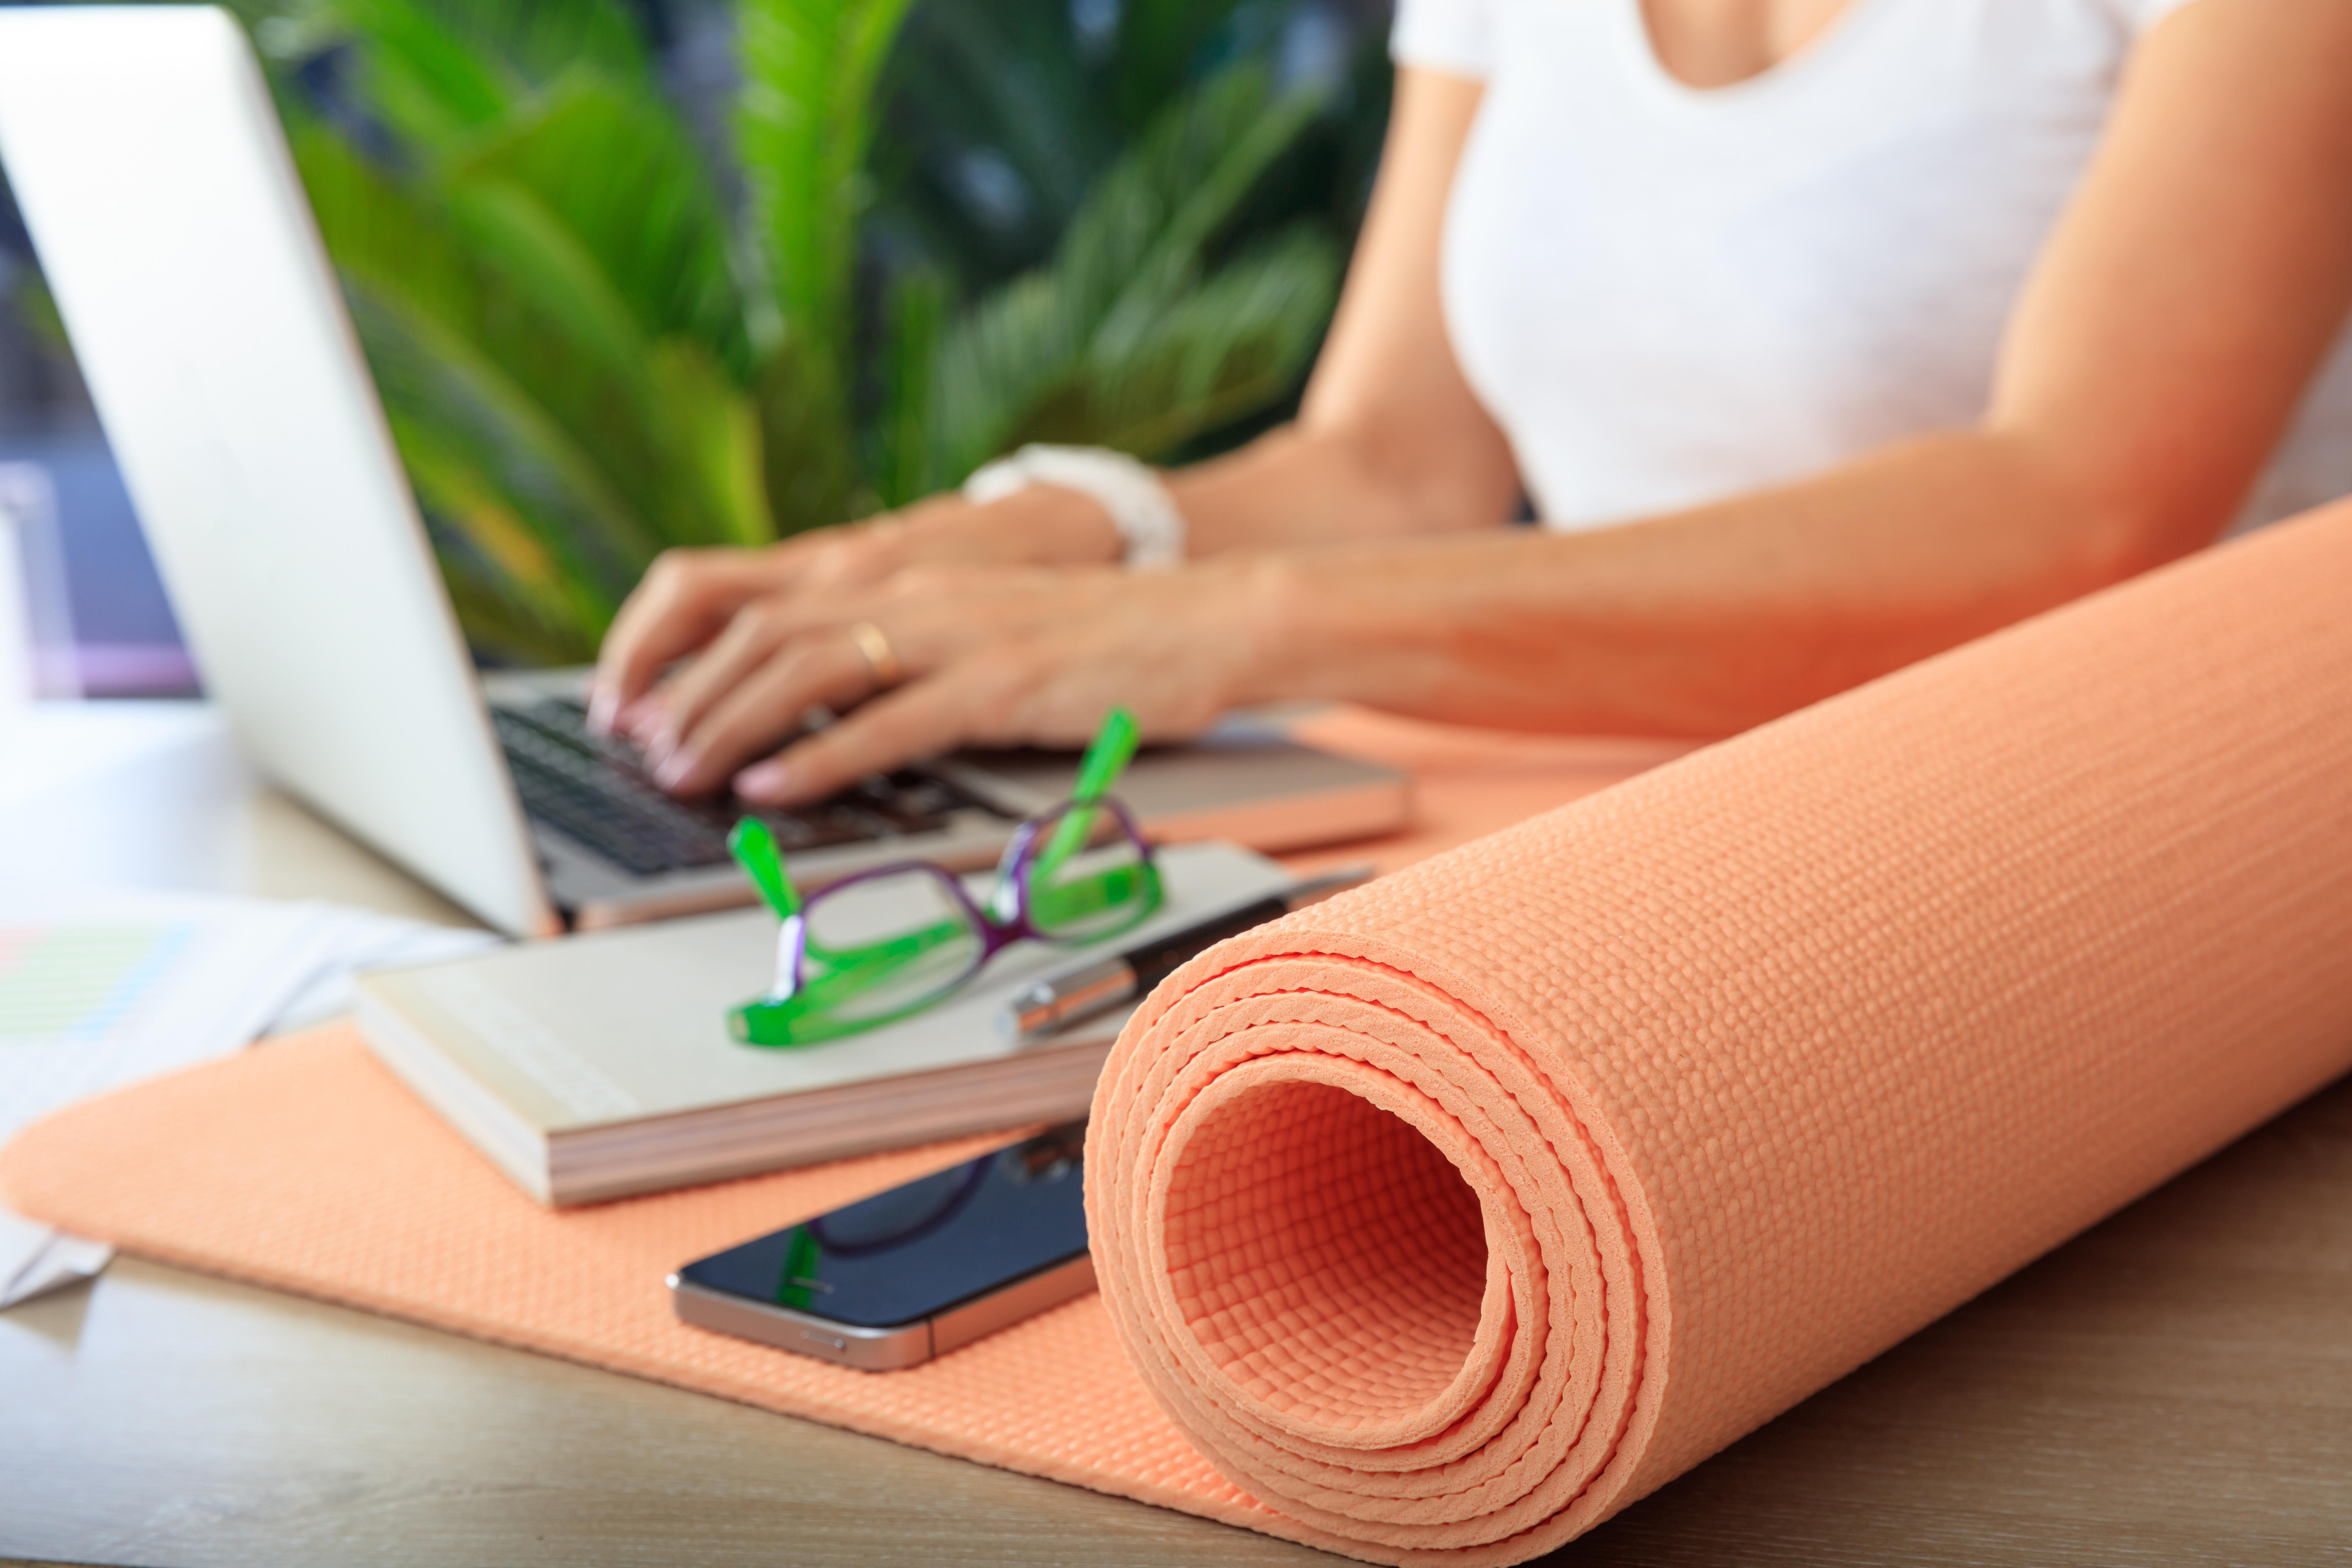 Bild zeigt Frau mit Yogamatte und PC am Schreibtisch und steht symbolisch für gesunde Führung und Betriebliches Gesundheitsmanagement